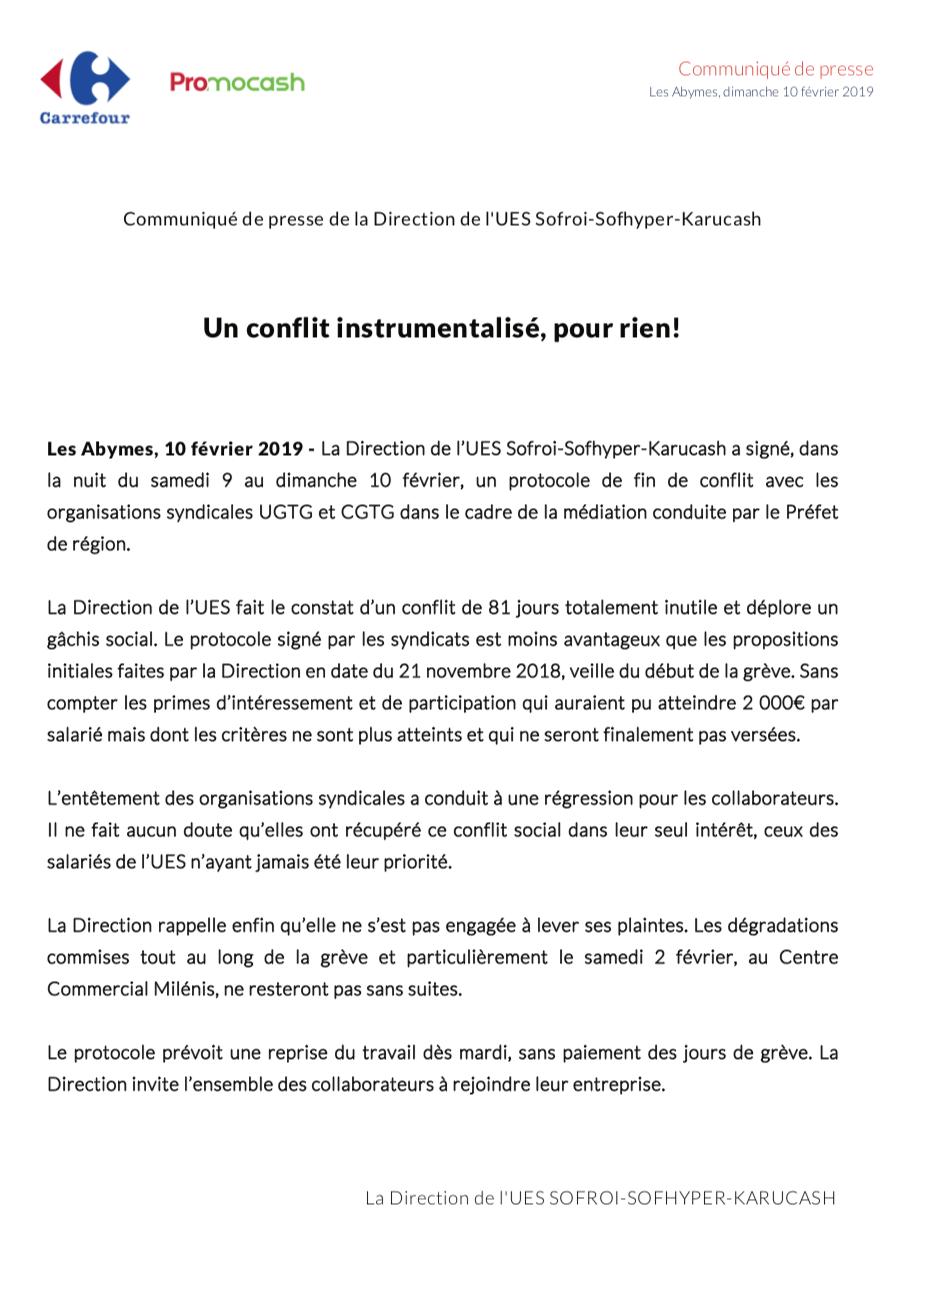 Guadeloupe: Après 77 jours de grève, reprise du travail le ...